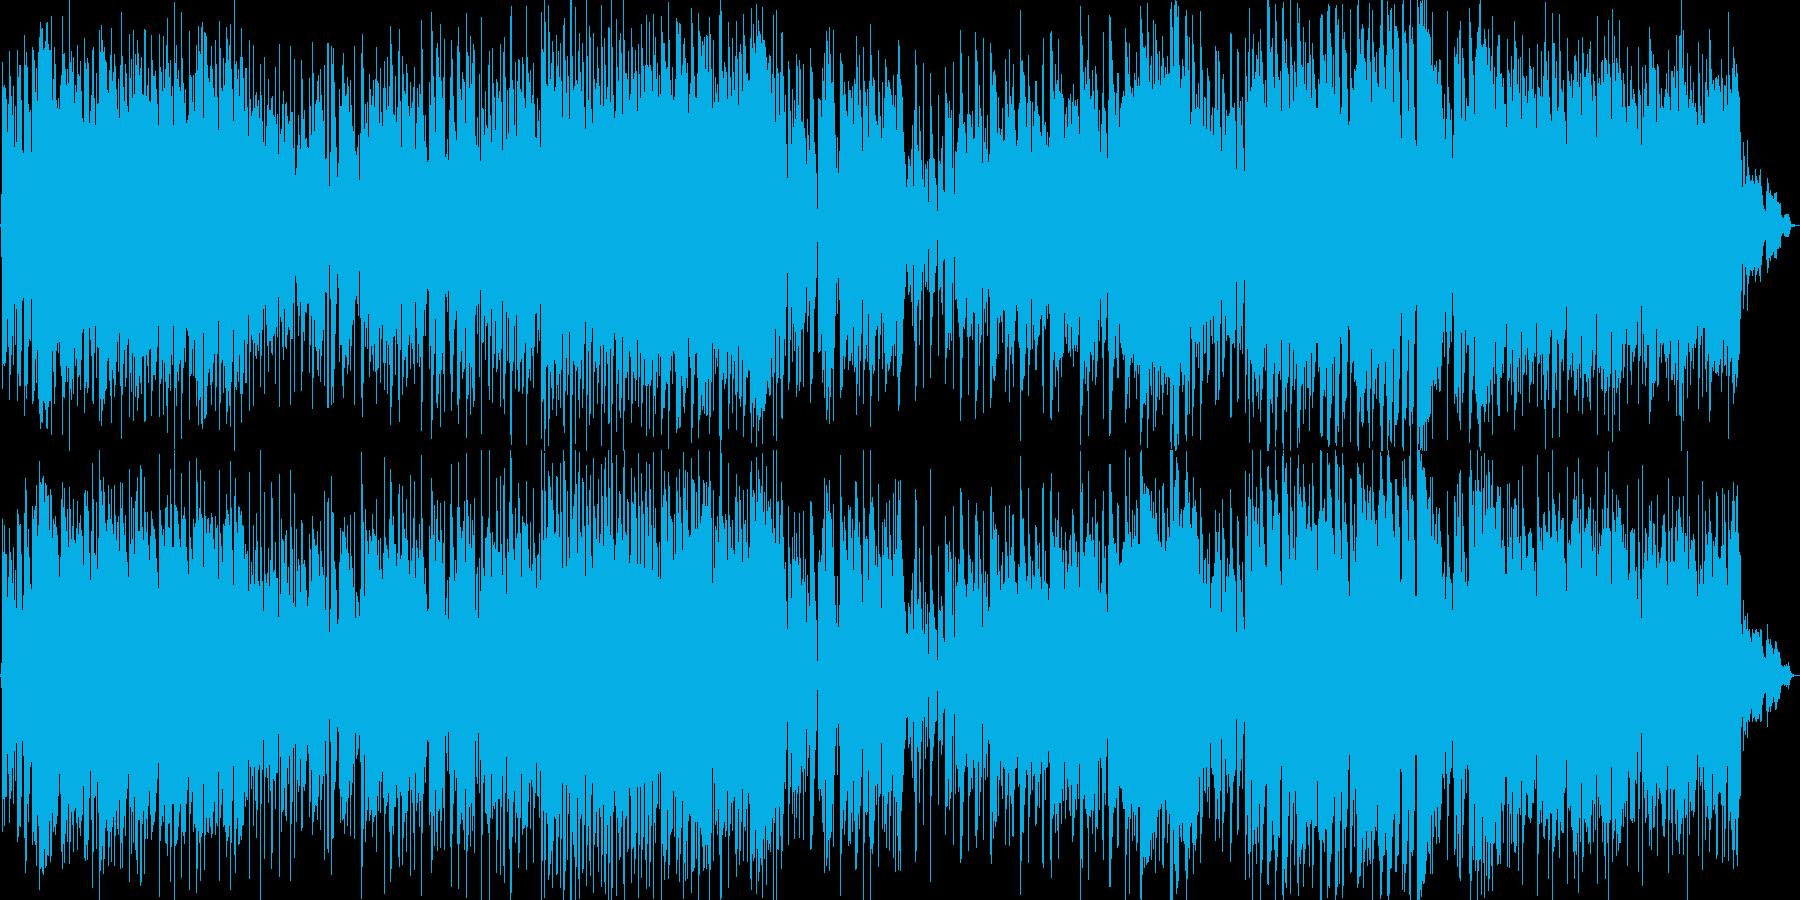 きいろのかいじゅう子供向け番組主題歌の再生済みの波形